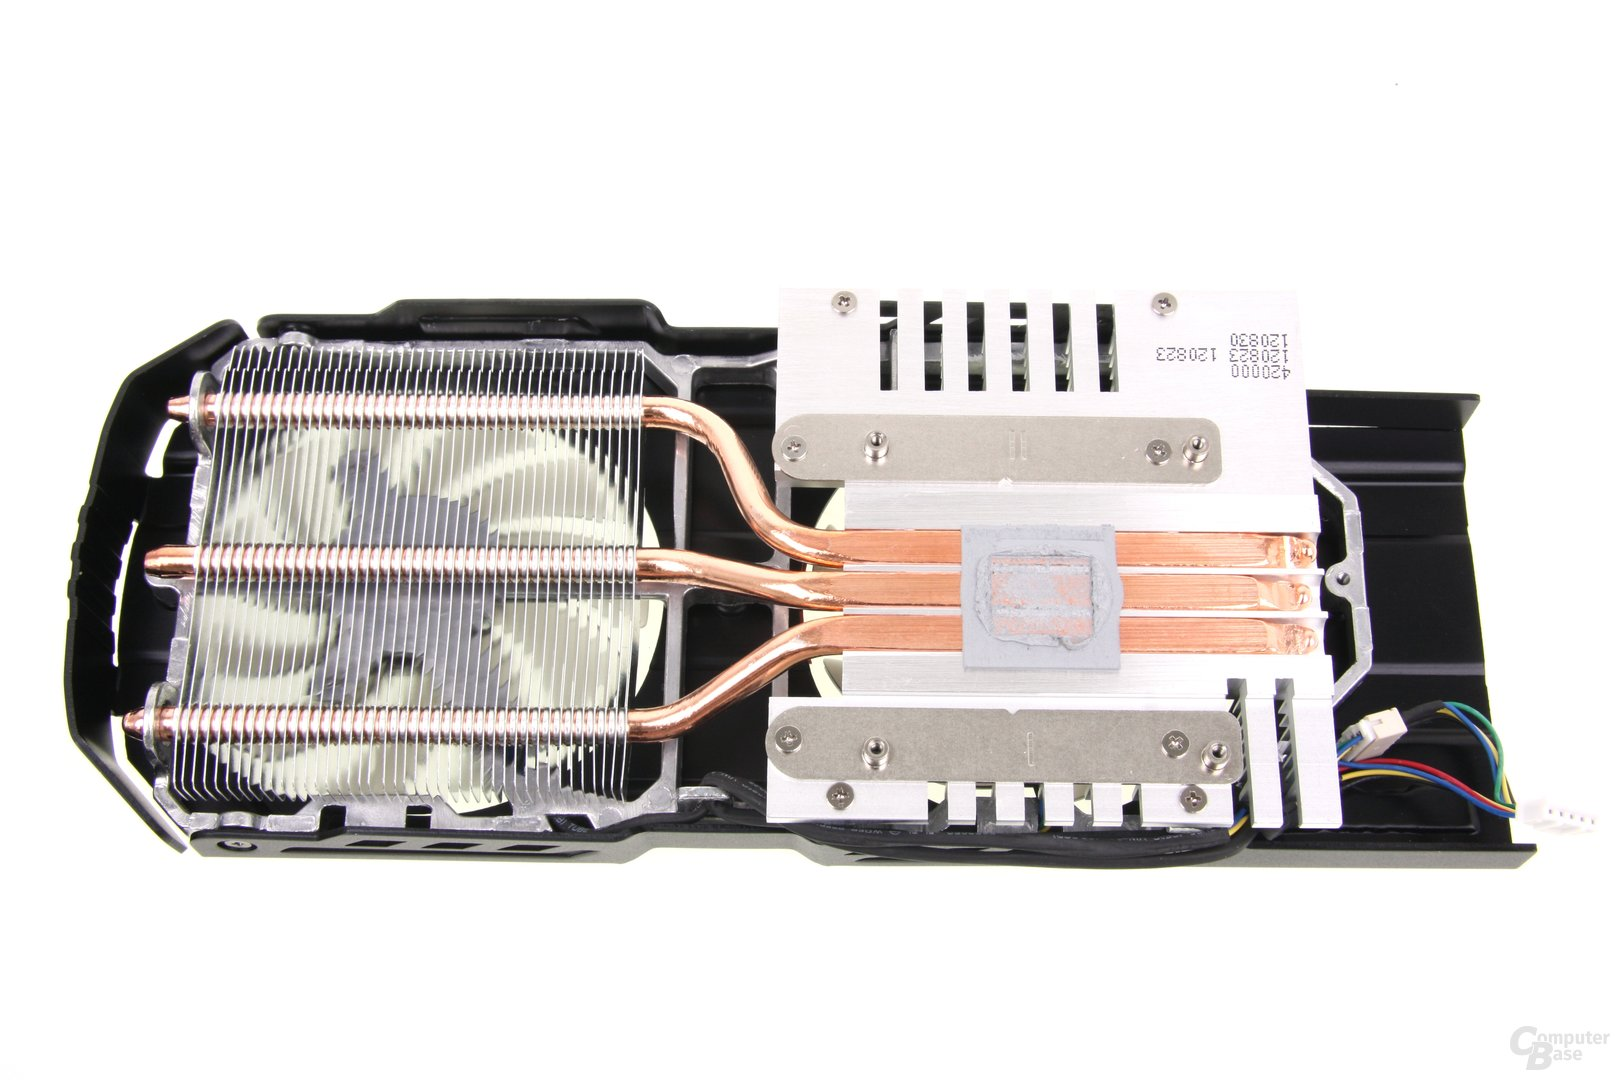 GeForce GTX 650 Ti TOP Kühlerrückseite